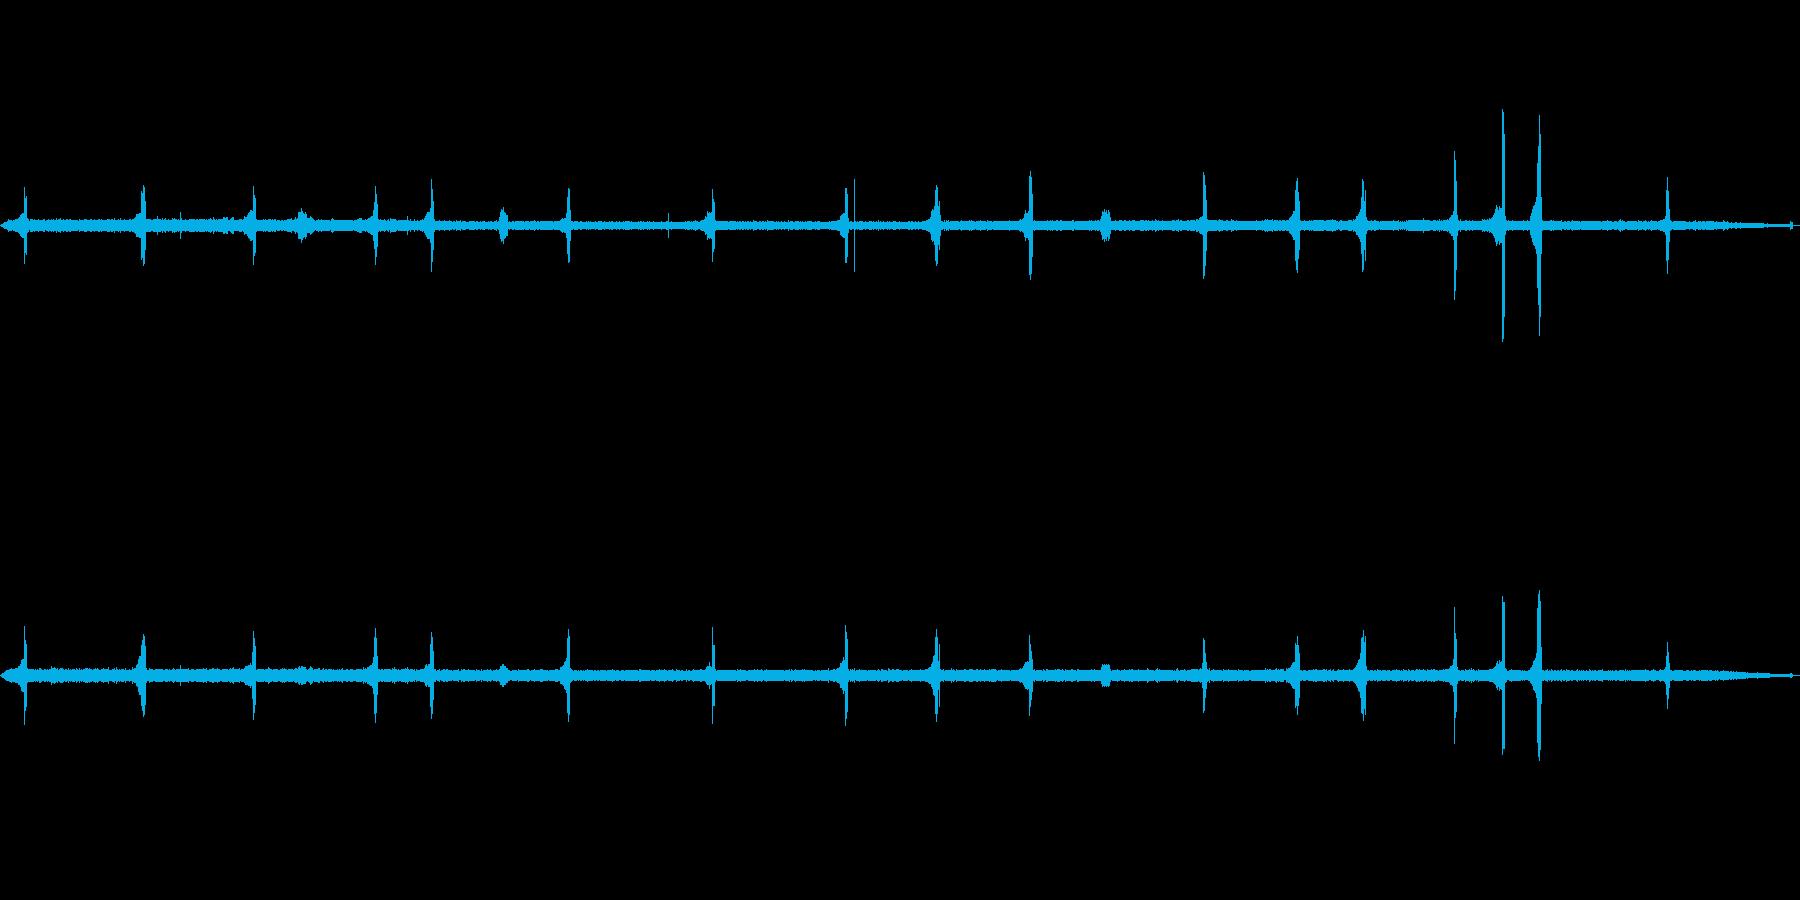 【自然音】ウグイスの鳴き声(開田高原)の再生済みの波形